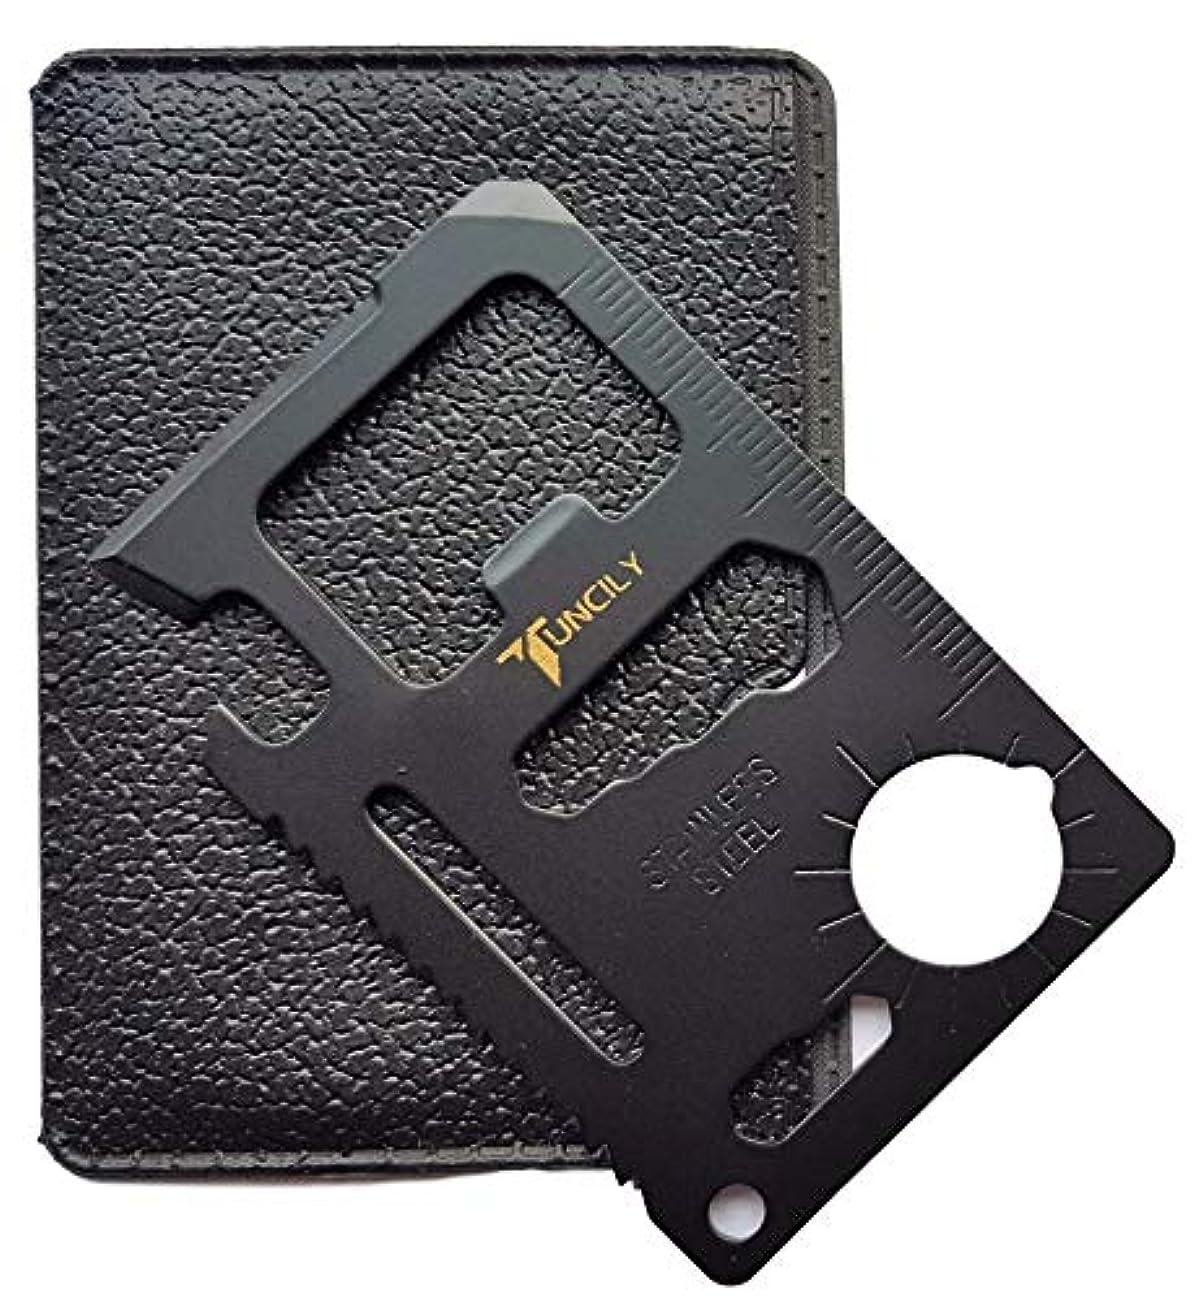 事前どこにも敬なクレジット?カードサバイバルツール – 11 in 1マルチビール栓抜きポータブル財布サイズポケットマルチツール LYSB01M3Y66J5-SPRTSEQIP